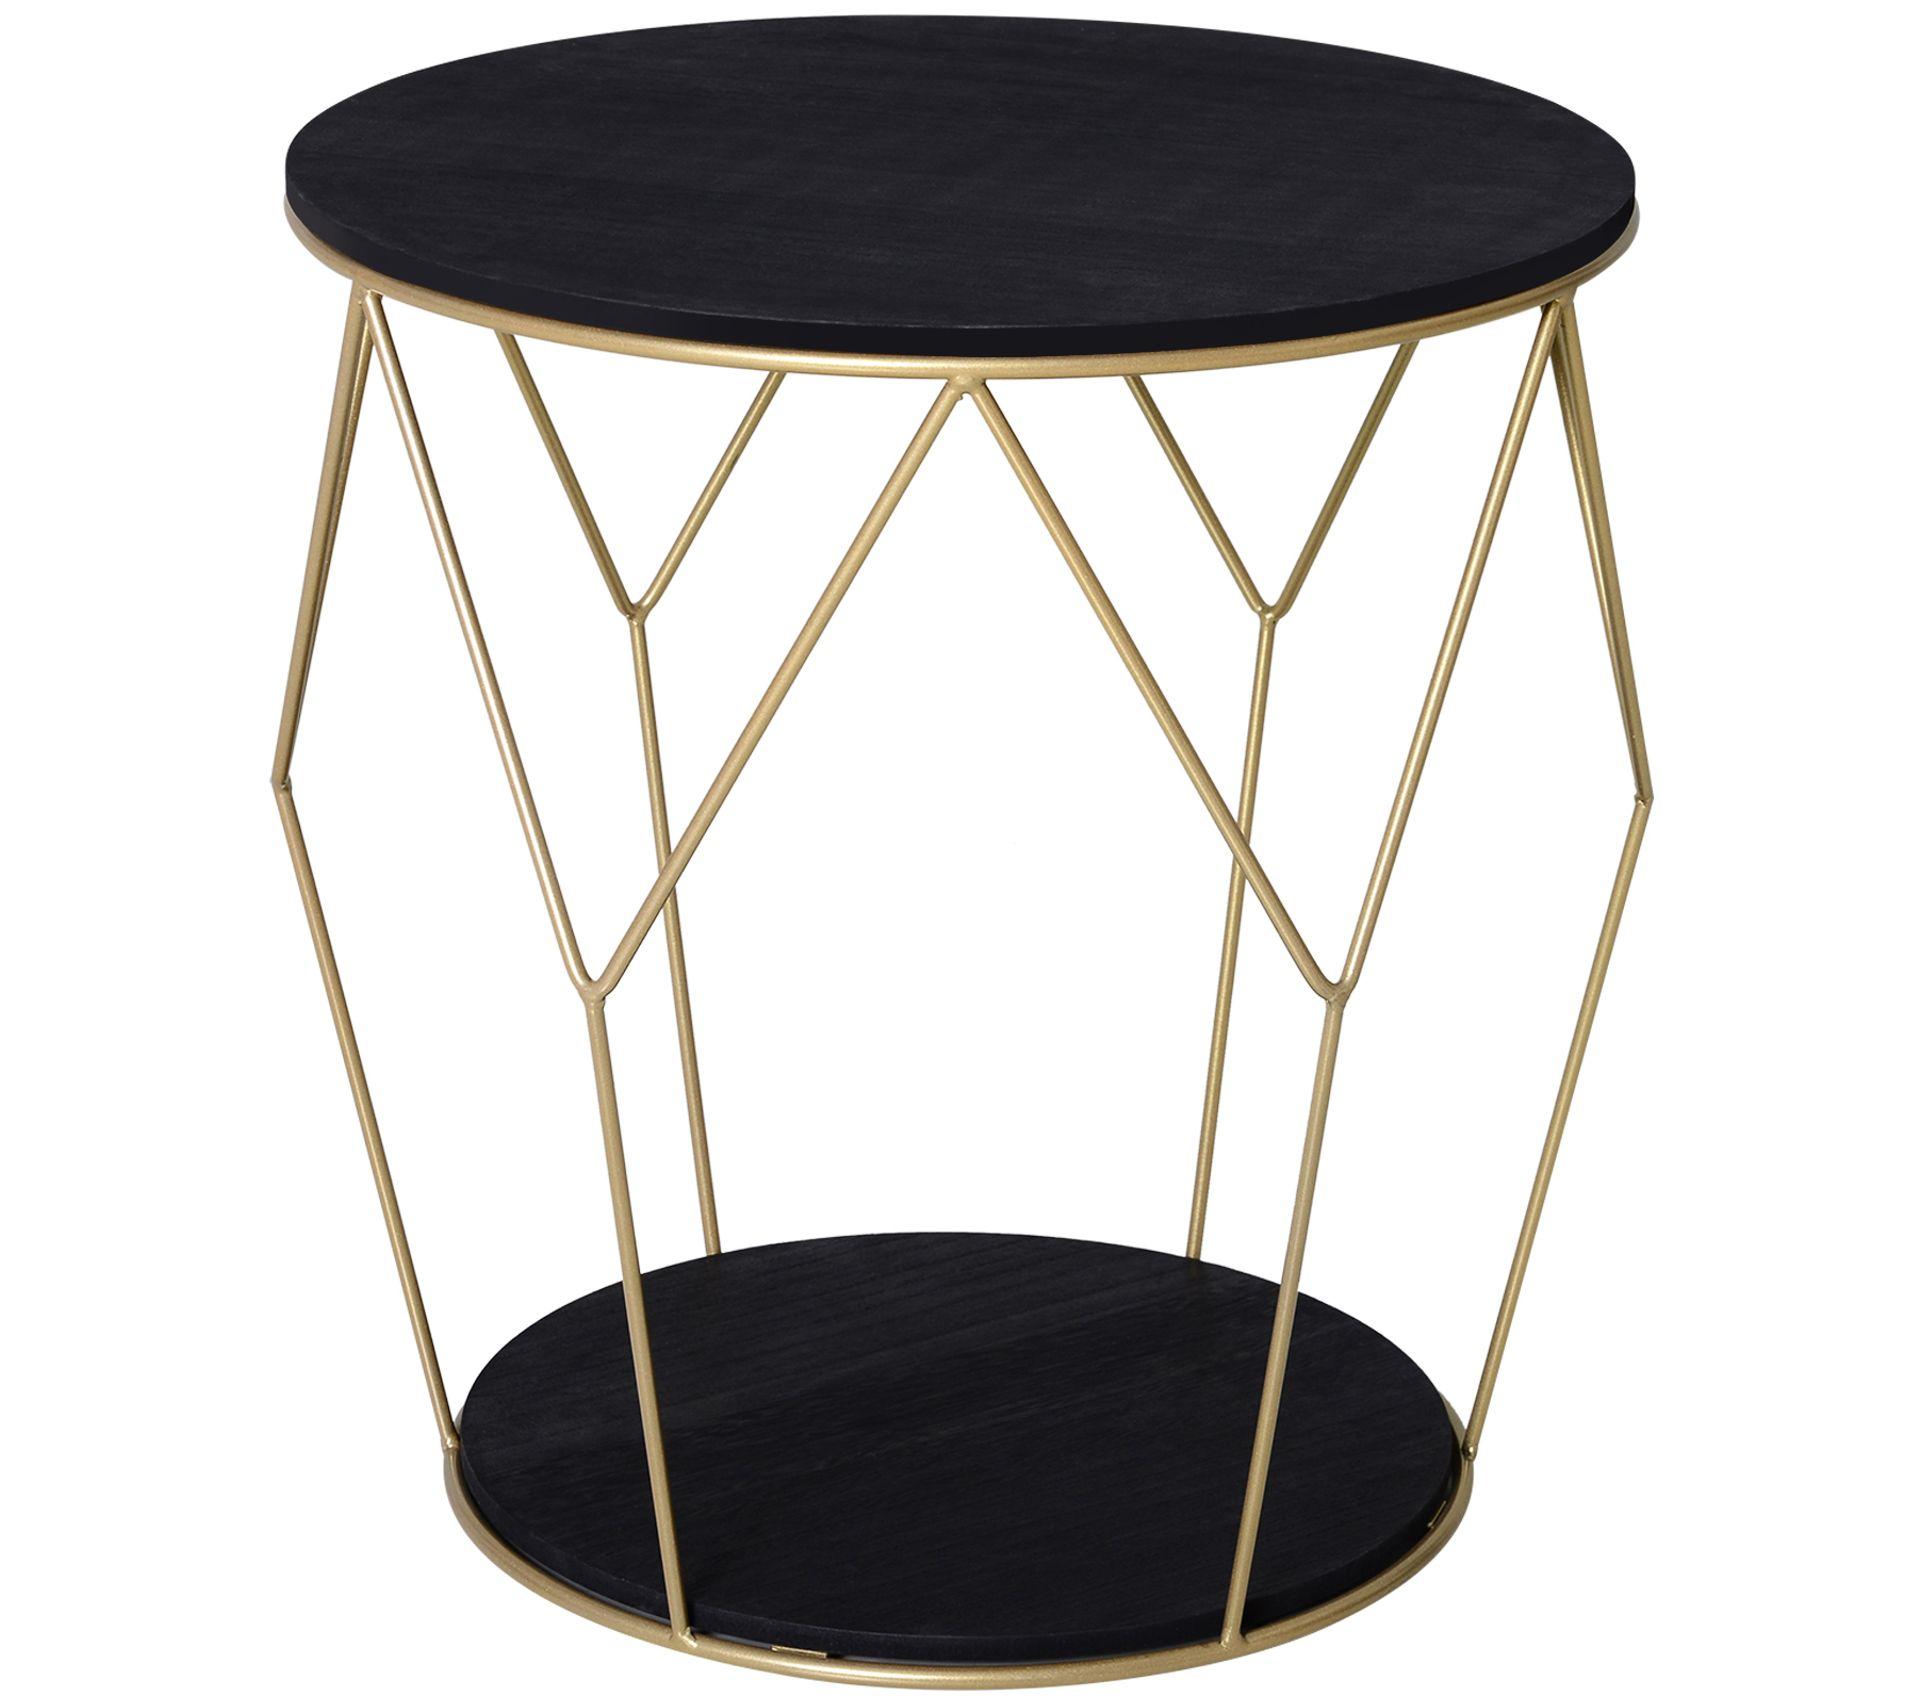 Table Basse Ronde Art Deco table basse ronde design style art déco noir doré